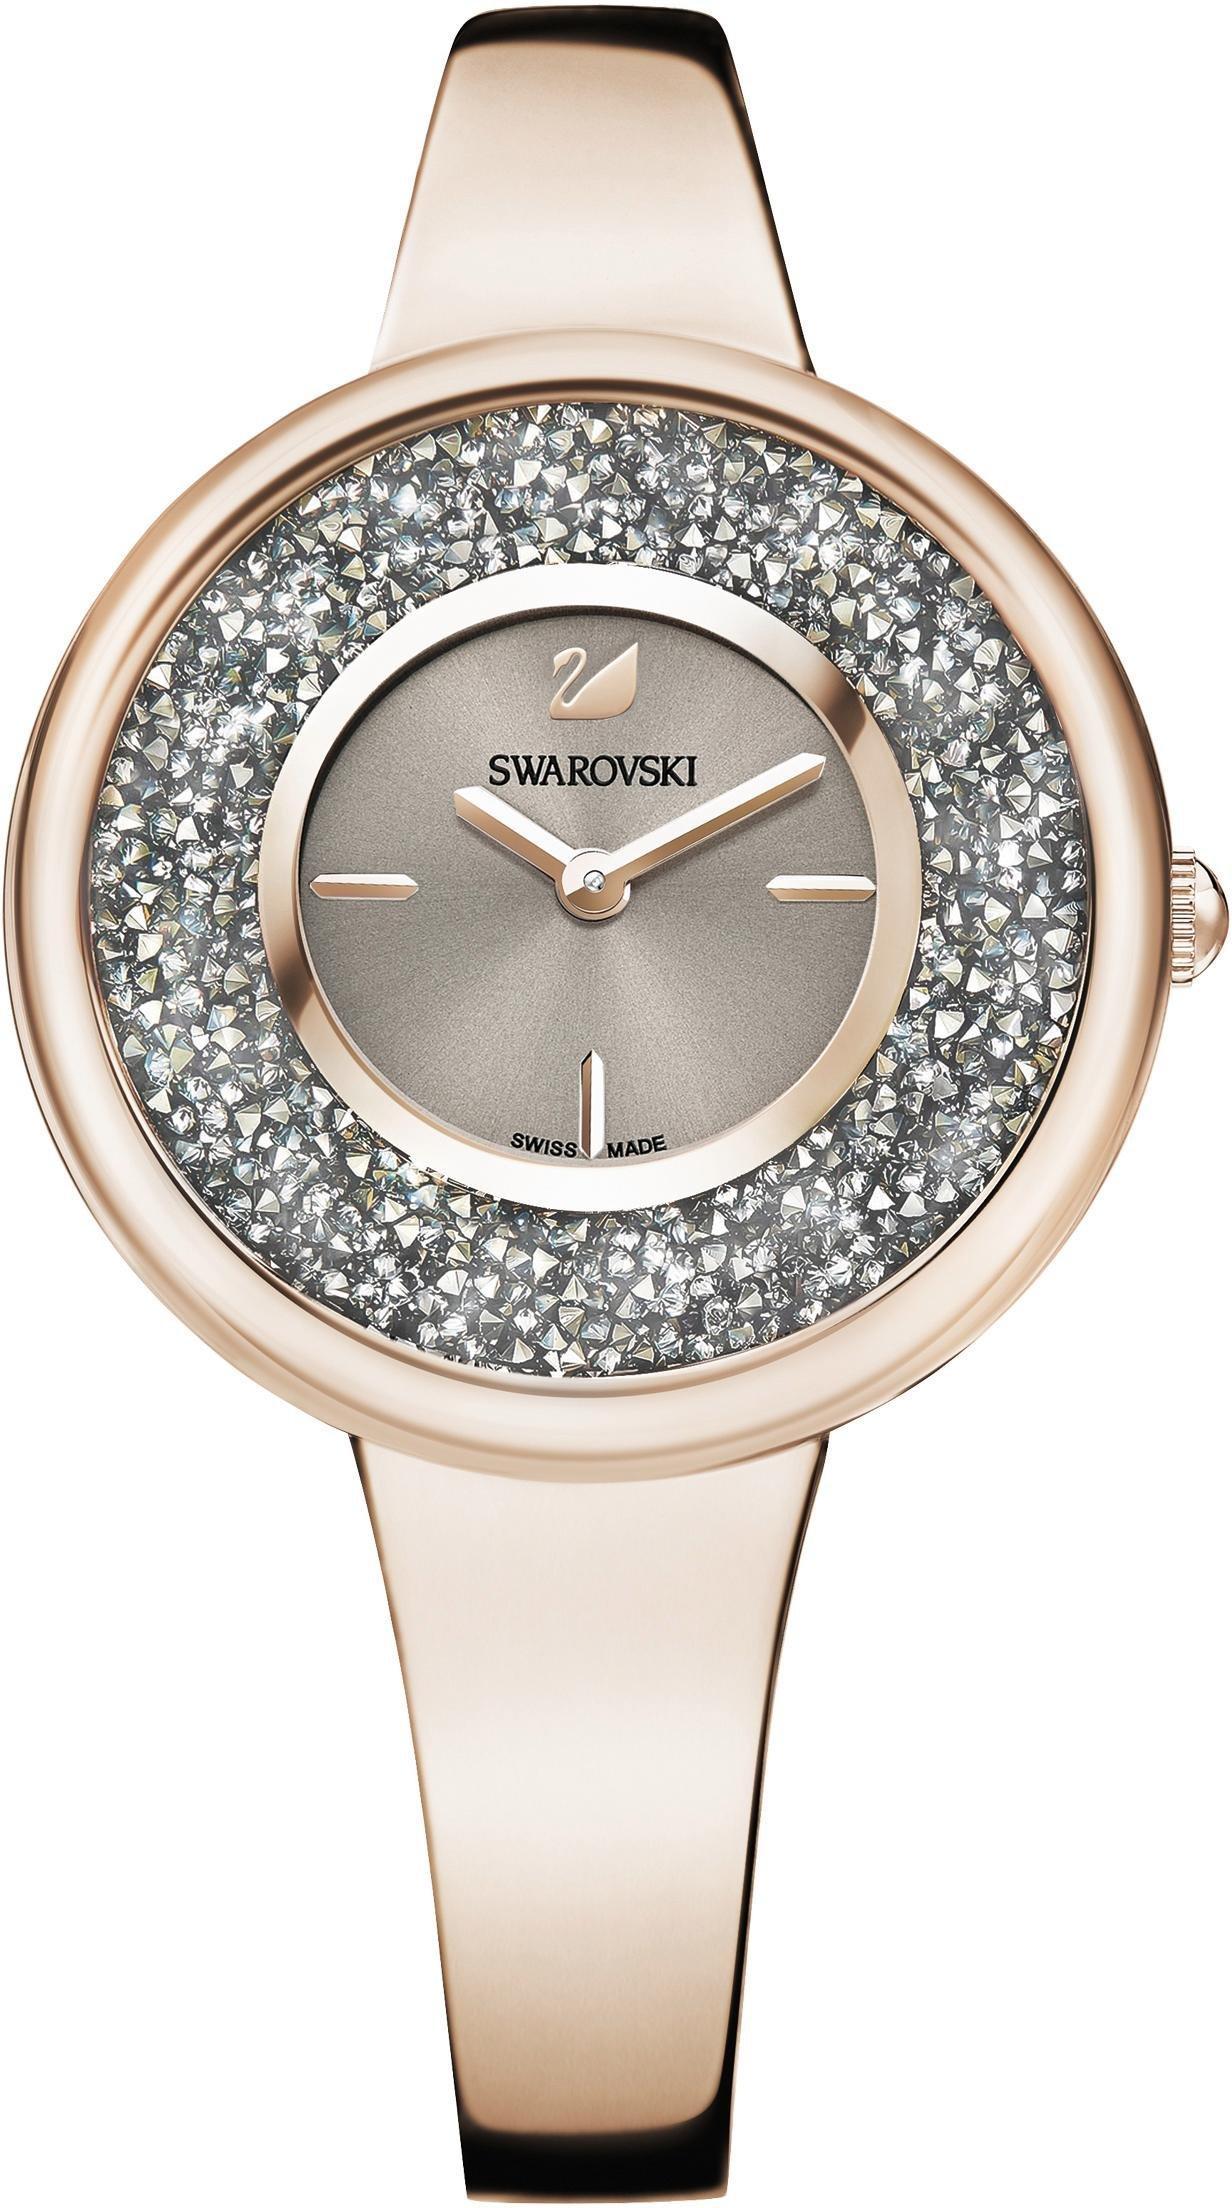 Swarovski Schweizer Uhr Crystalline Pure Uhr Metallarmband Farbton Champagne Gold 5376077